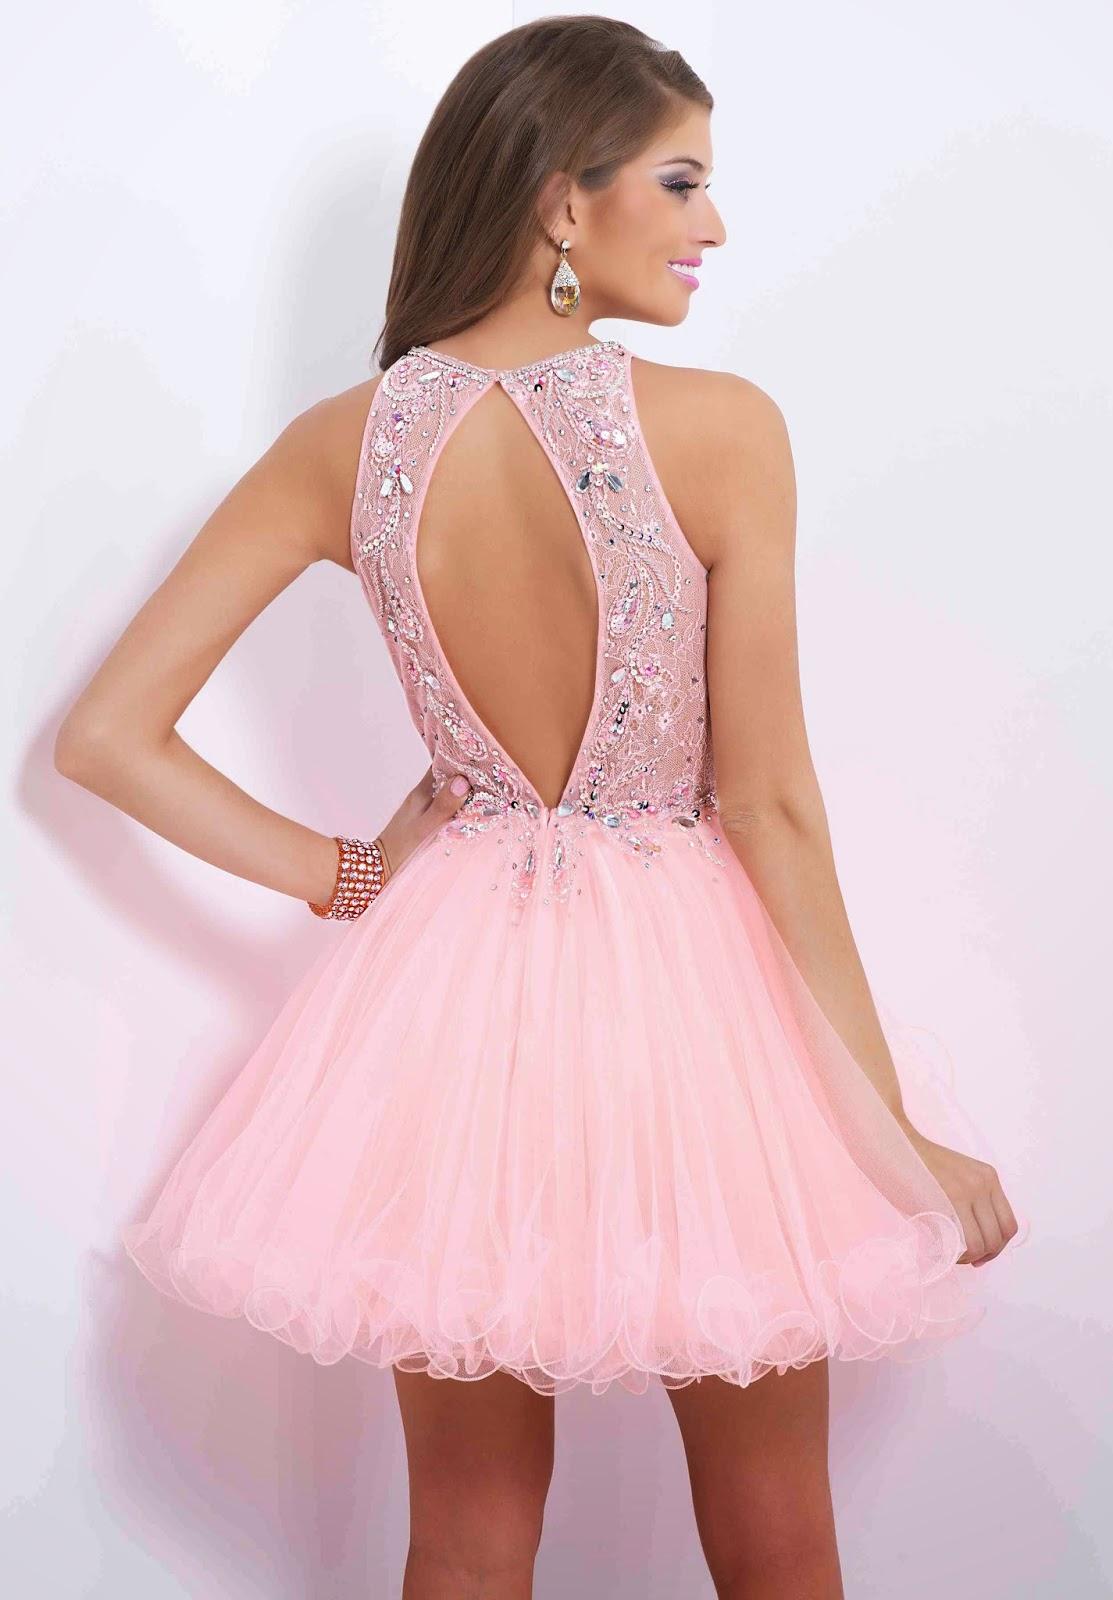 Increíble Vestidos Cortos Proms Regalo - Colección del Vestido de la ...